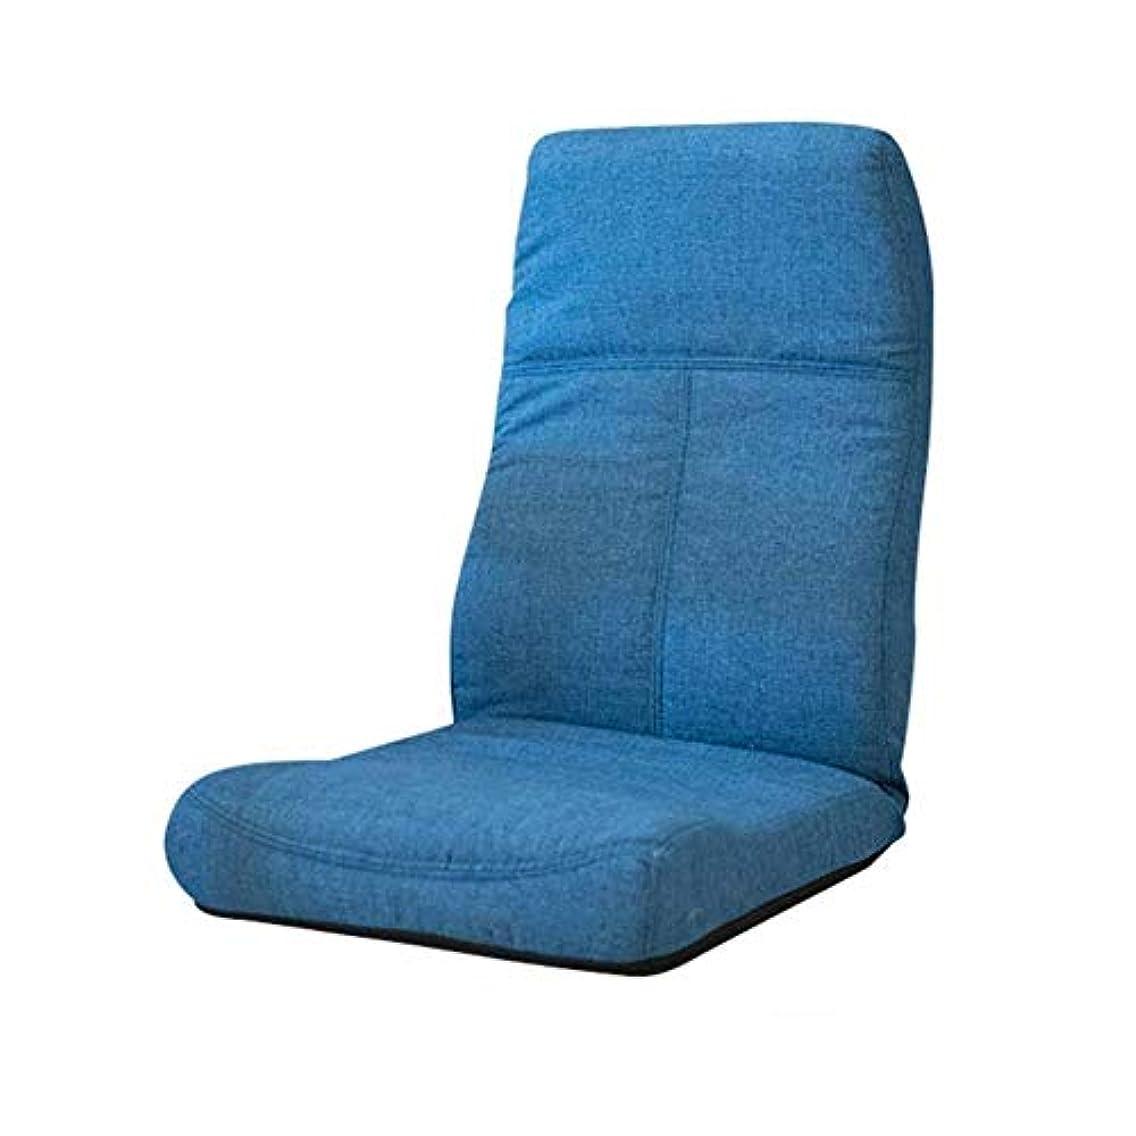 待つウガンダ寄付瞑想の椅子、座るソファー、折りたたみ畳の床、折り畳み式の洗える増粘、バルコニーの寝室のコンピュータークッションブルー